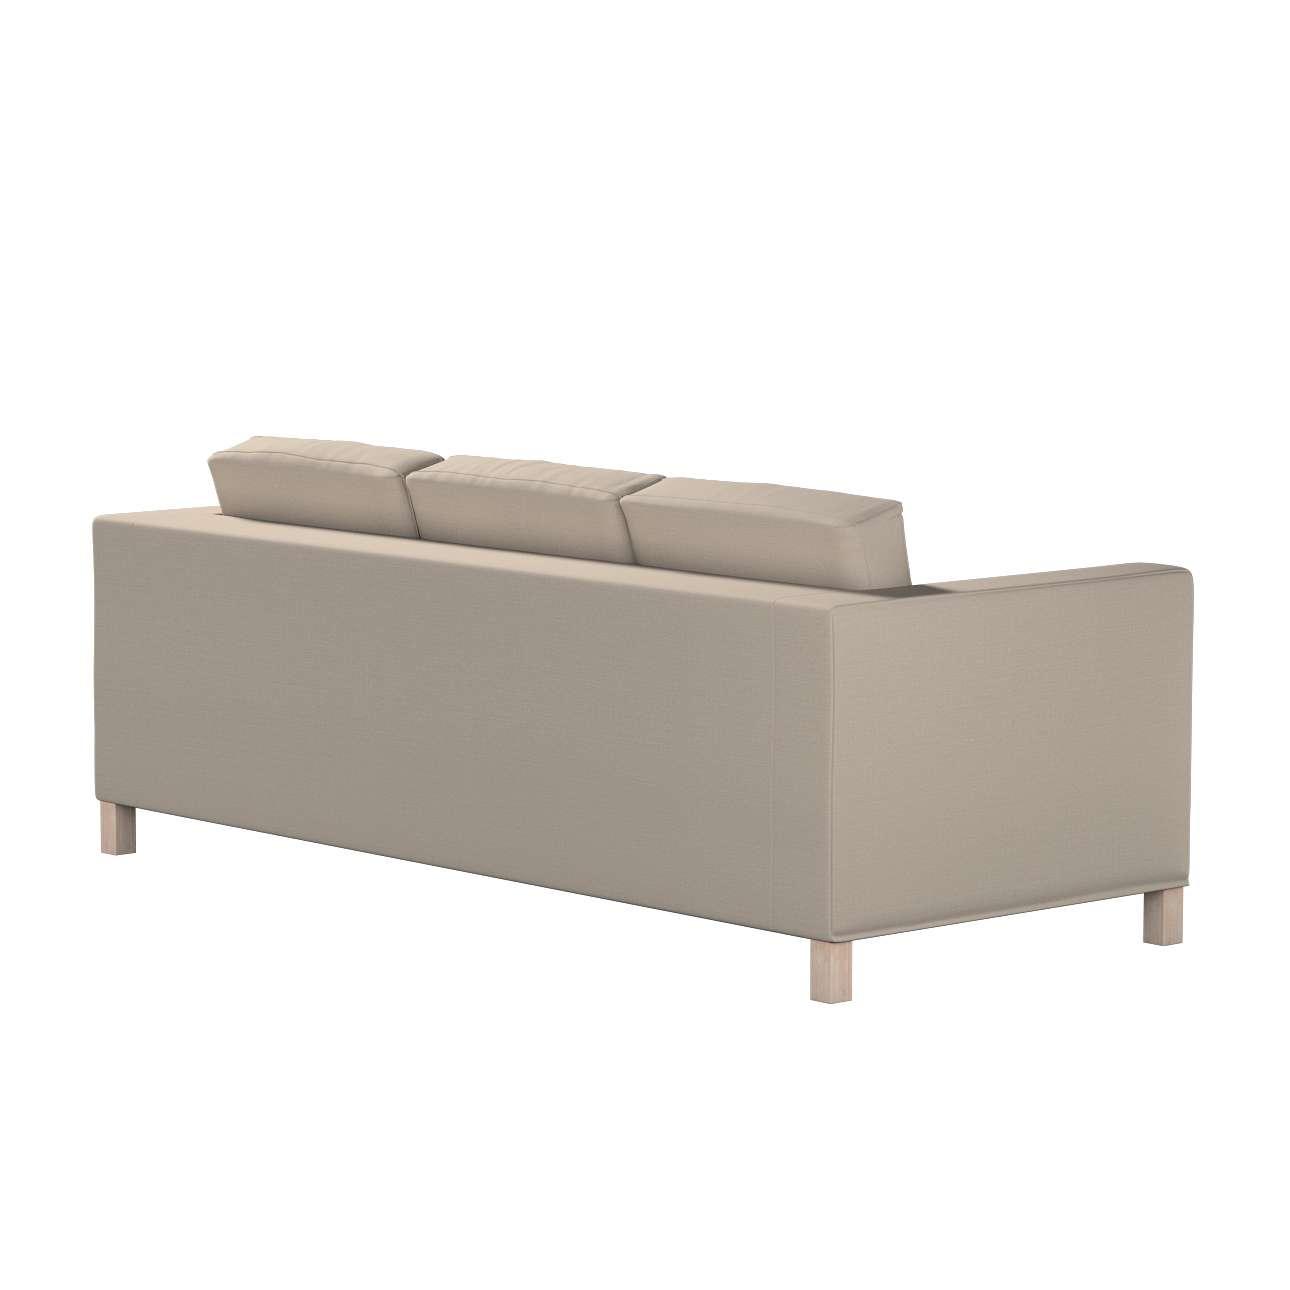 Bezug für Karlanda 3-Sitzer Sofa nicht ausklappbar, kurz von der Kollektion Living, Stoff: 161-53